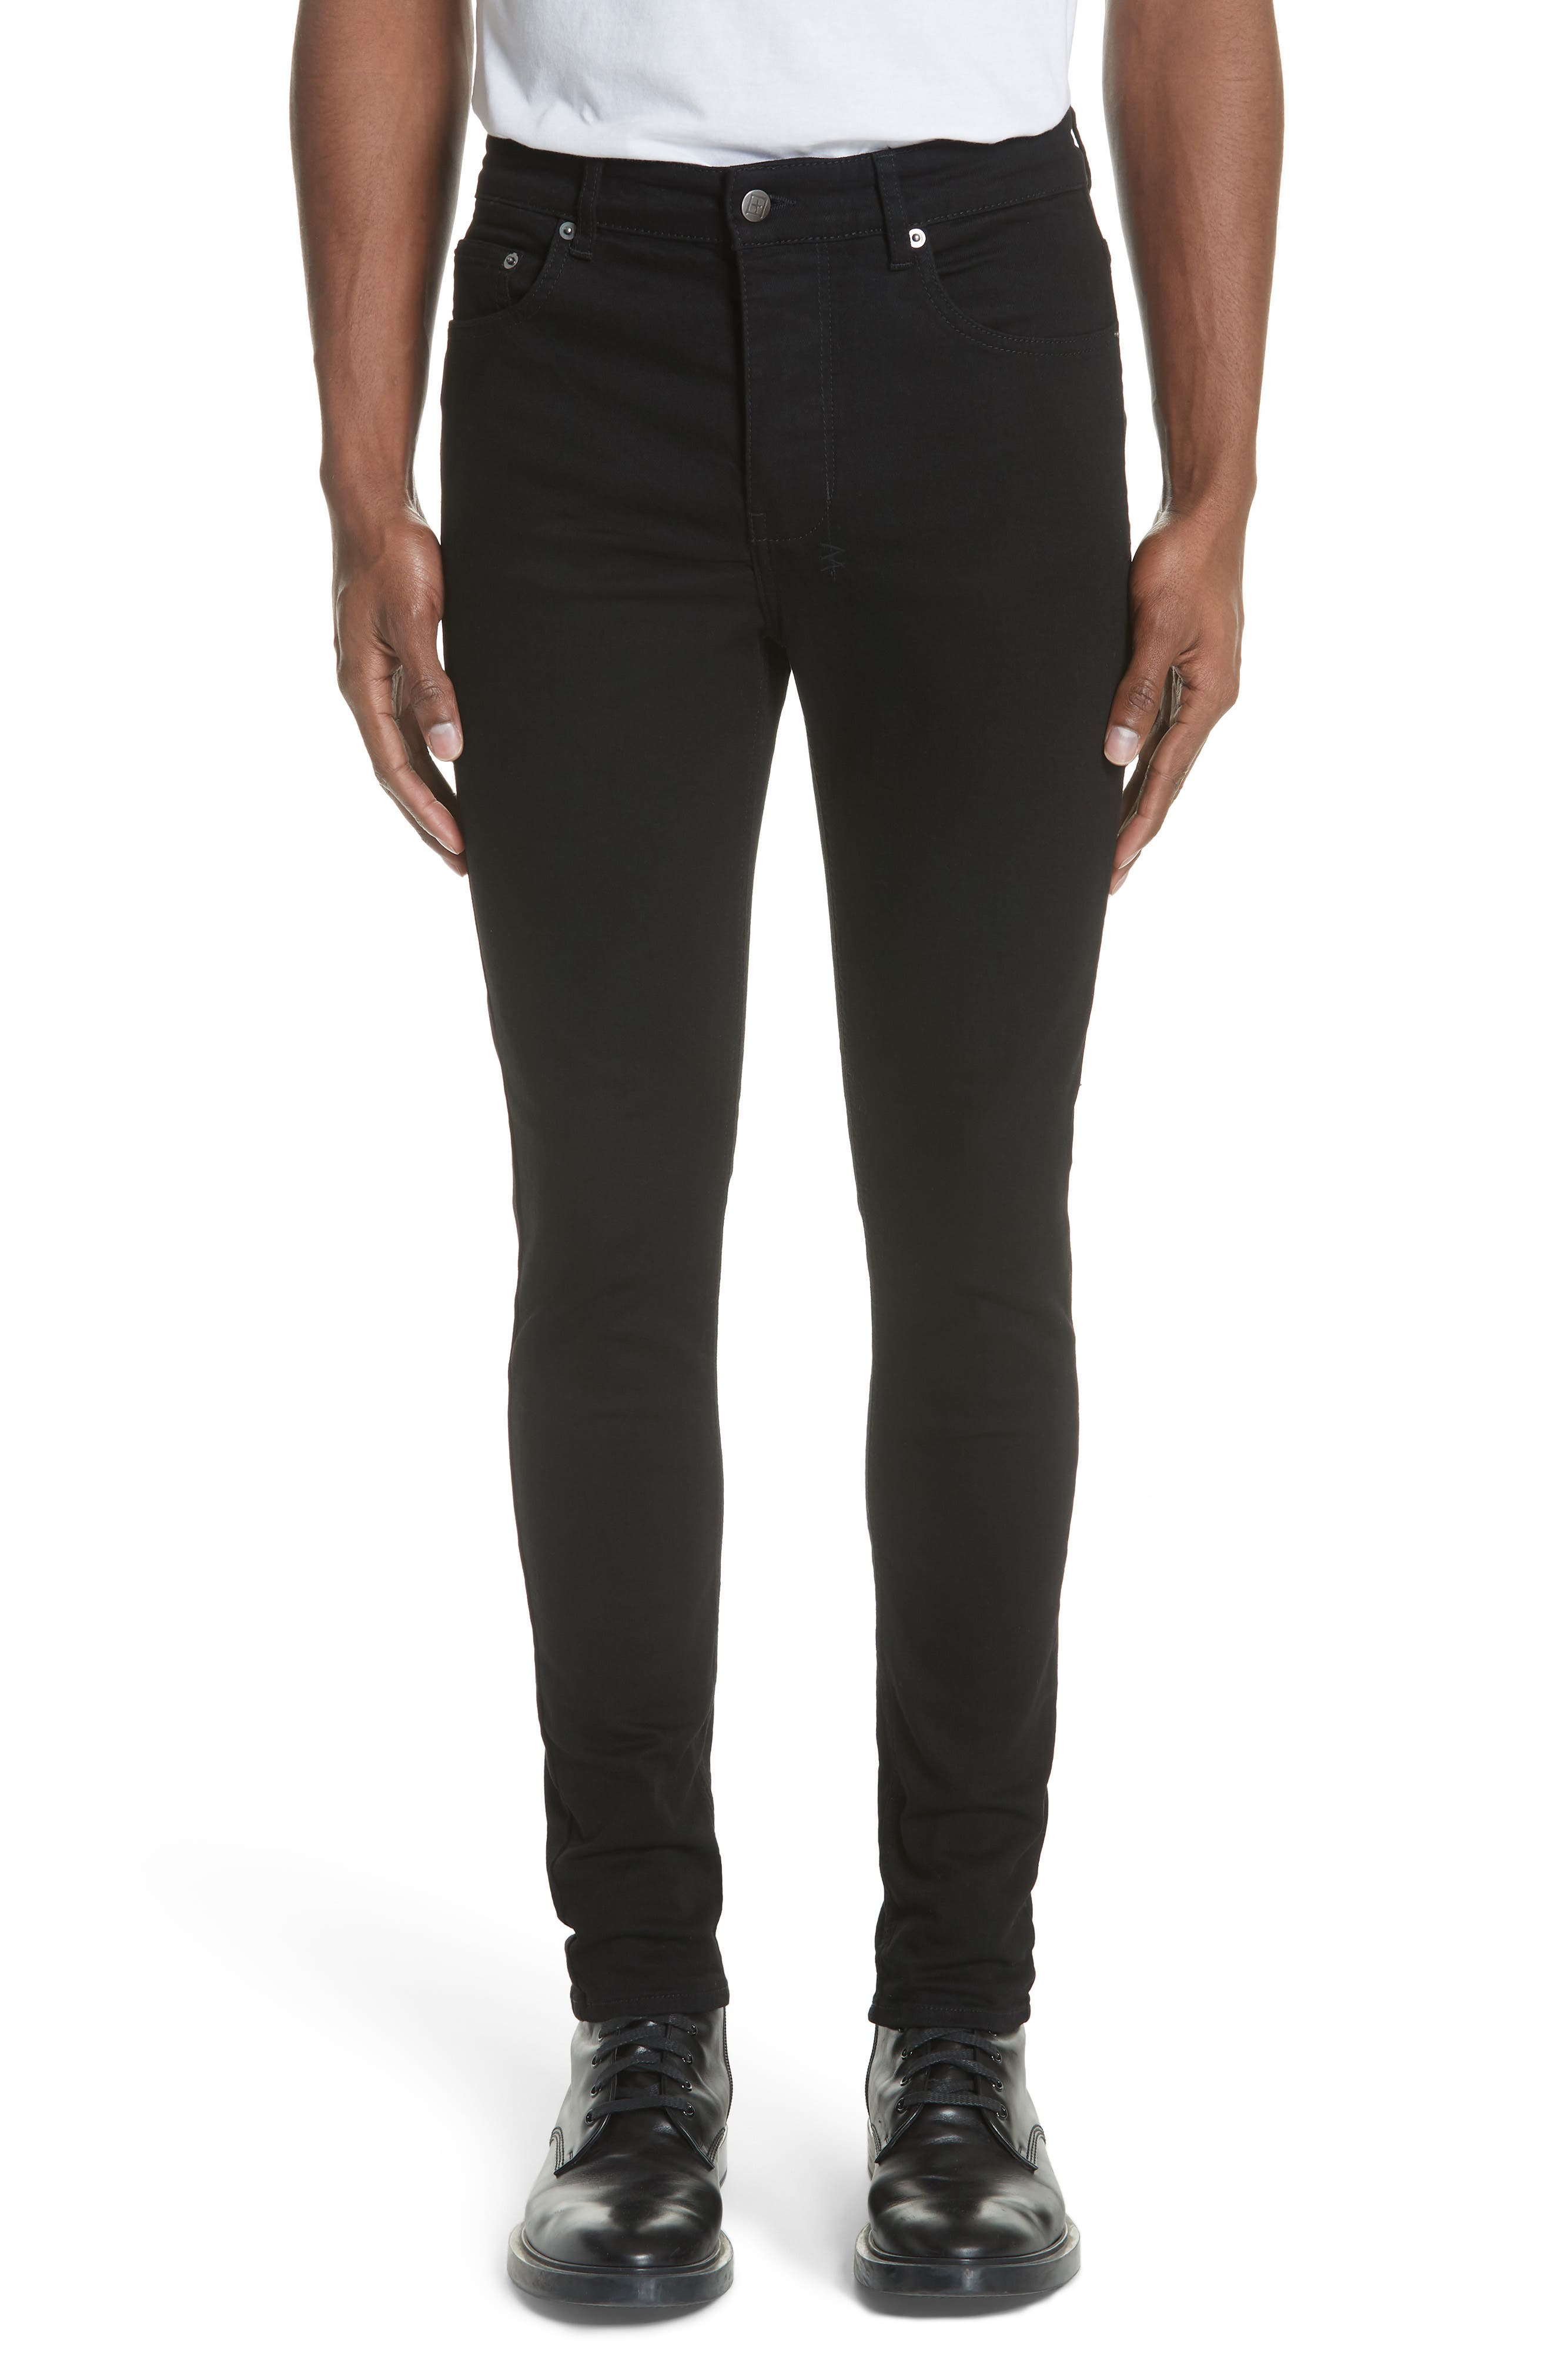 KSUBI, Chitch Laid Skinny Fit Jeans, Main thumbnail 1, color, BLACK